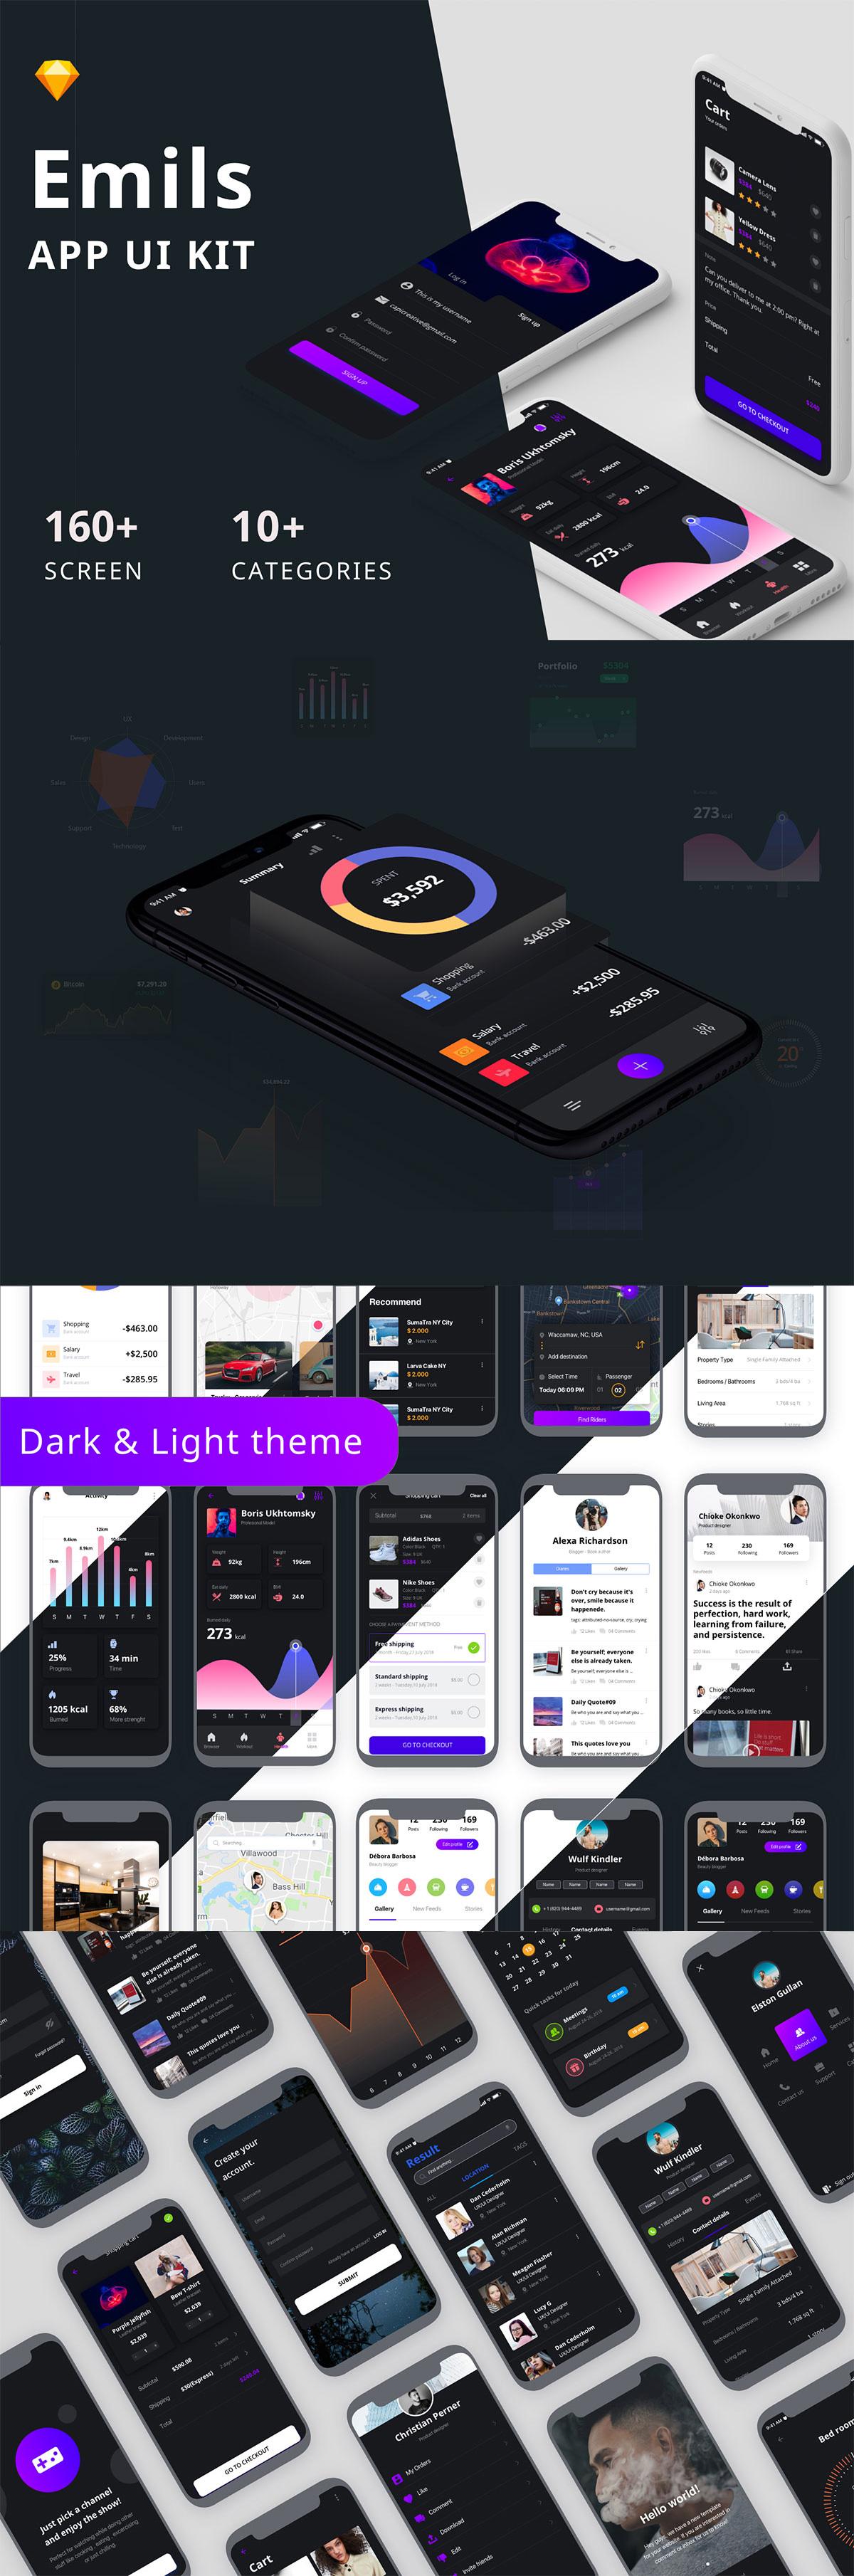 酷炫的 iPhone X 多功能时尚 APP UI KIT 套装模板下载 [Sketch] Emils Mobile UI Kit